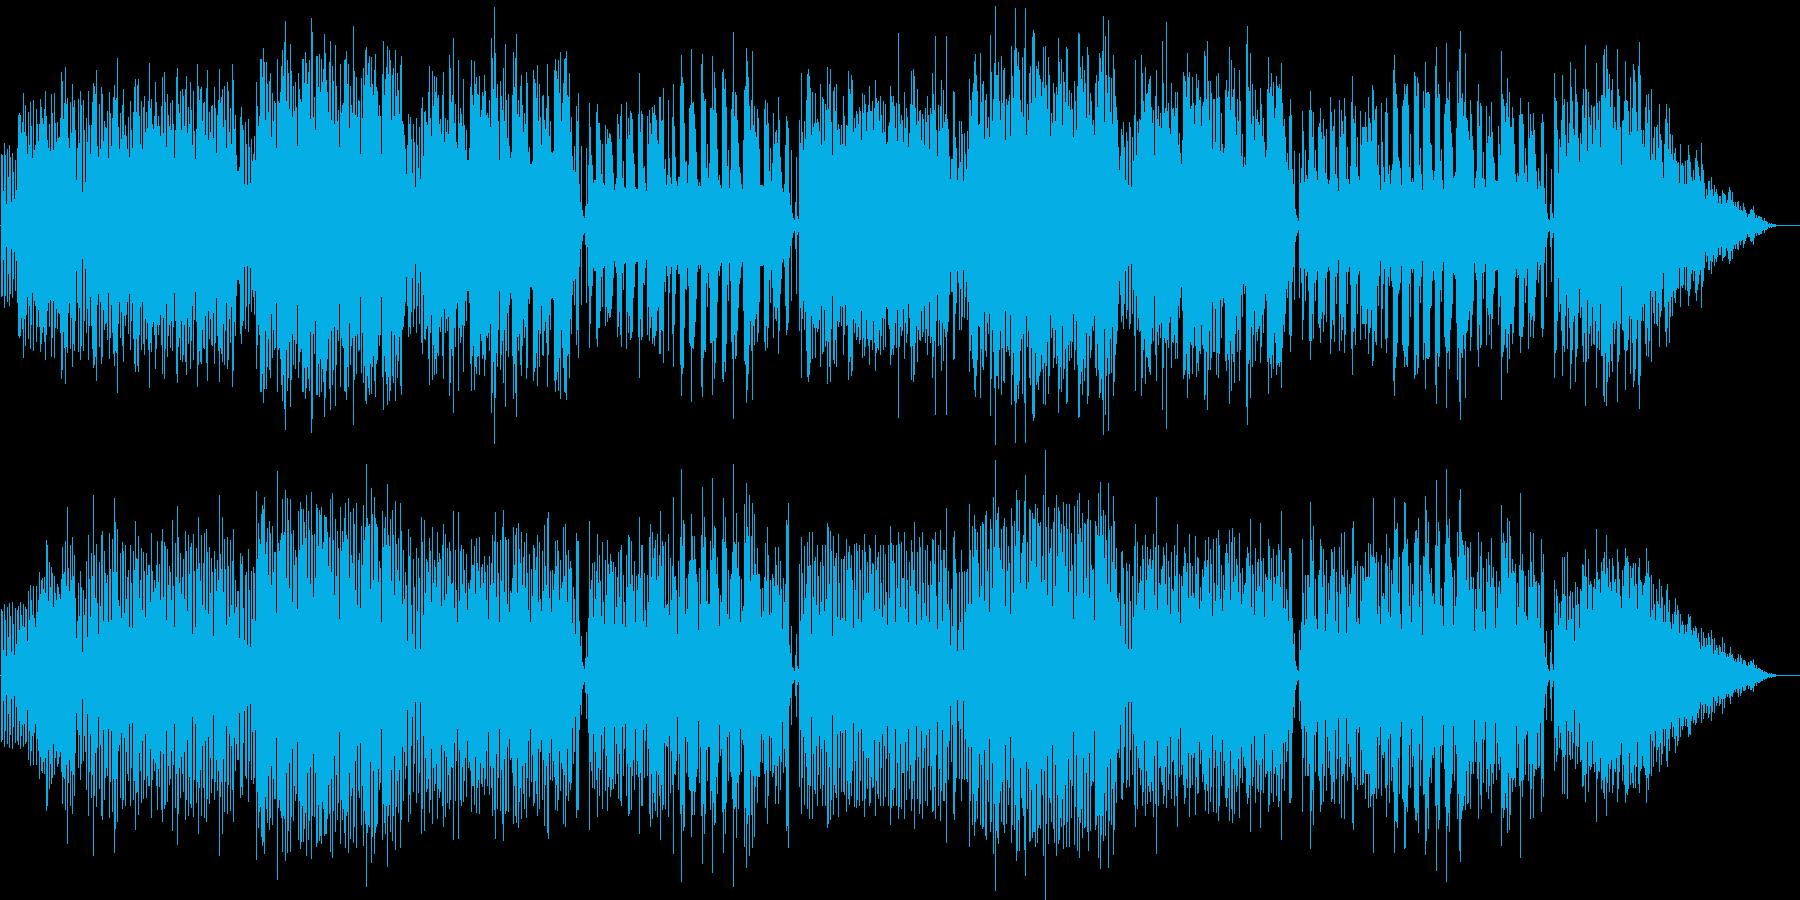 優しい曲です。の再生済みの波形